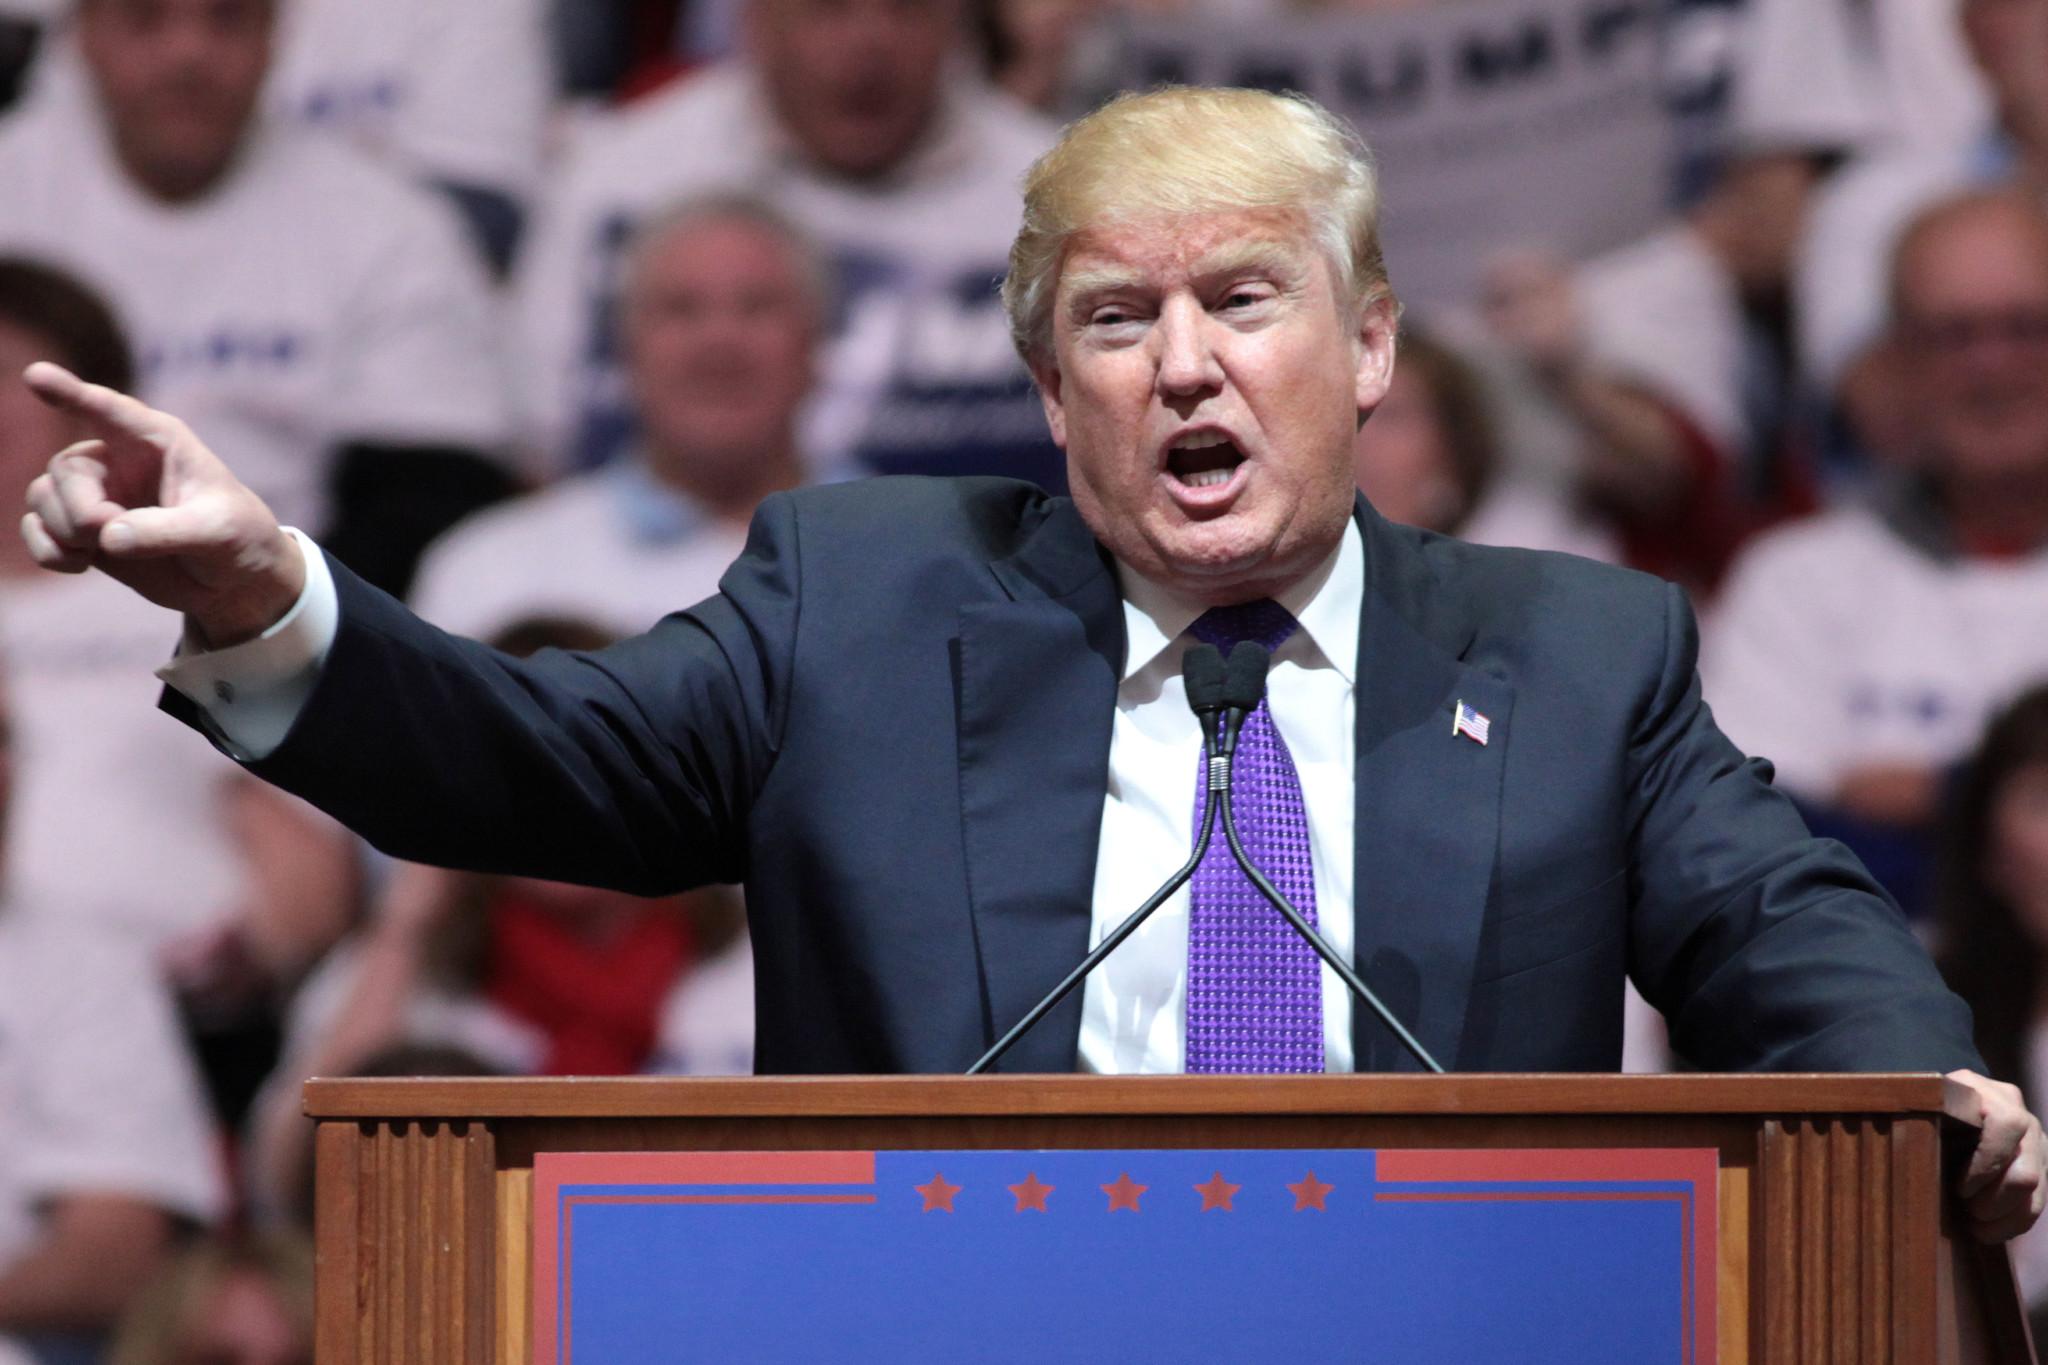 HELOMVENDING: Donald Trump har vært helt klar på at den russiske innblandingen i USAs presidentvalg slett ikke var sikker. Nå gjør han helomvending. Foto: GAGE SKIDMORE